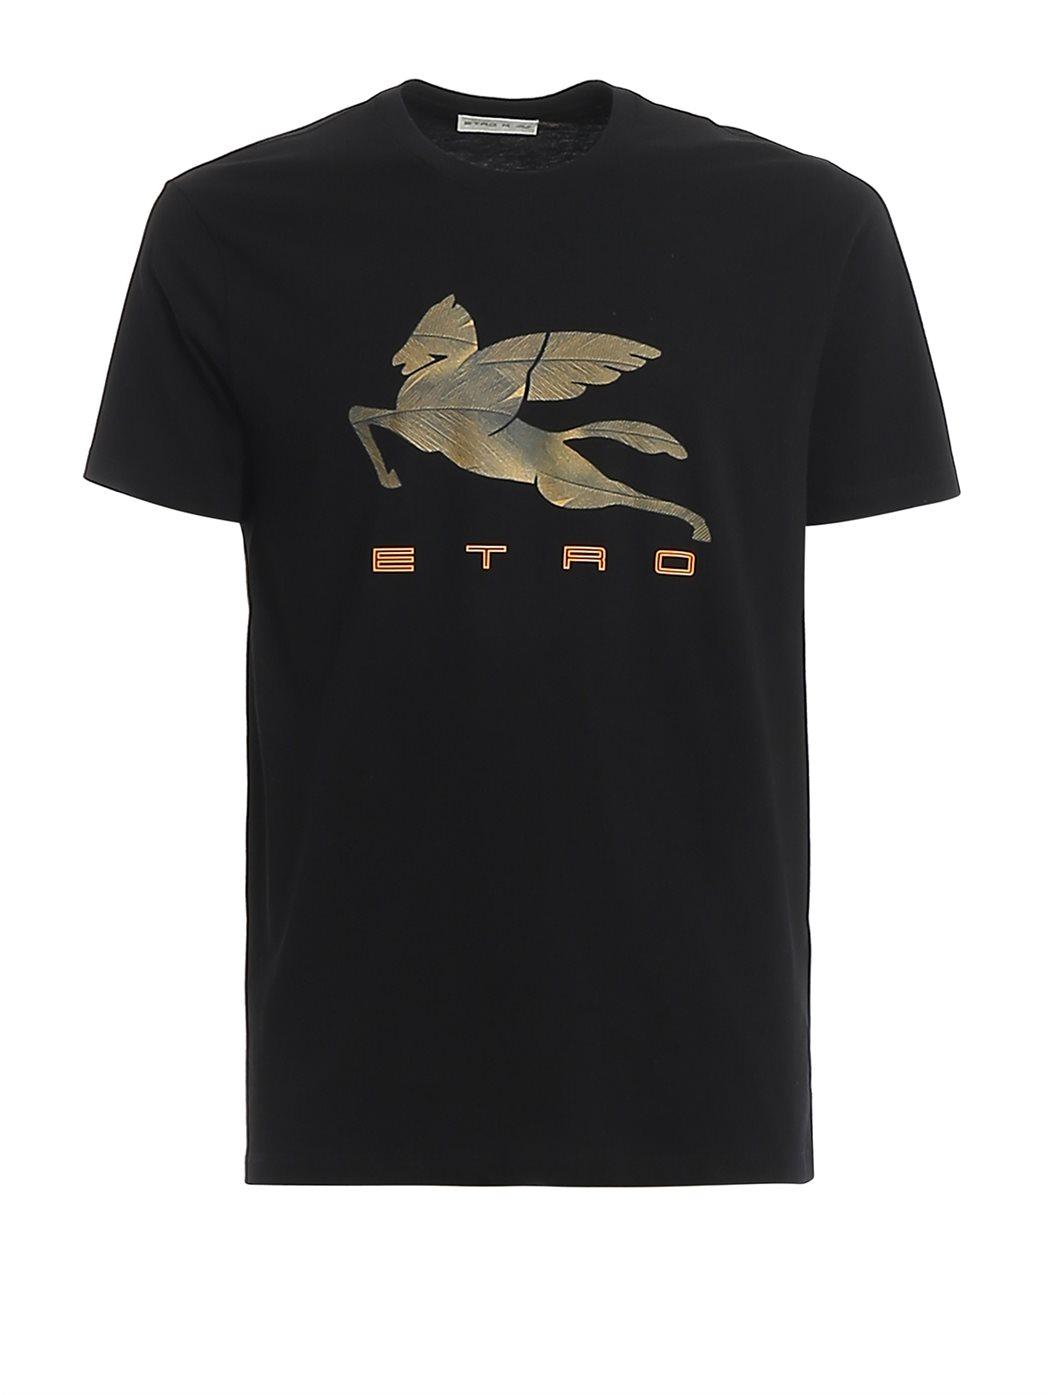 ETRO 1Y020 0001 T-SHIRT